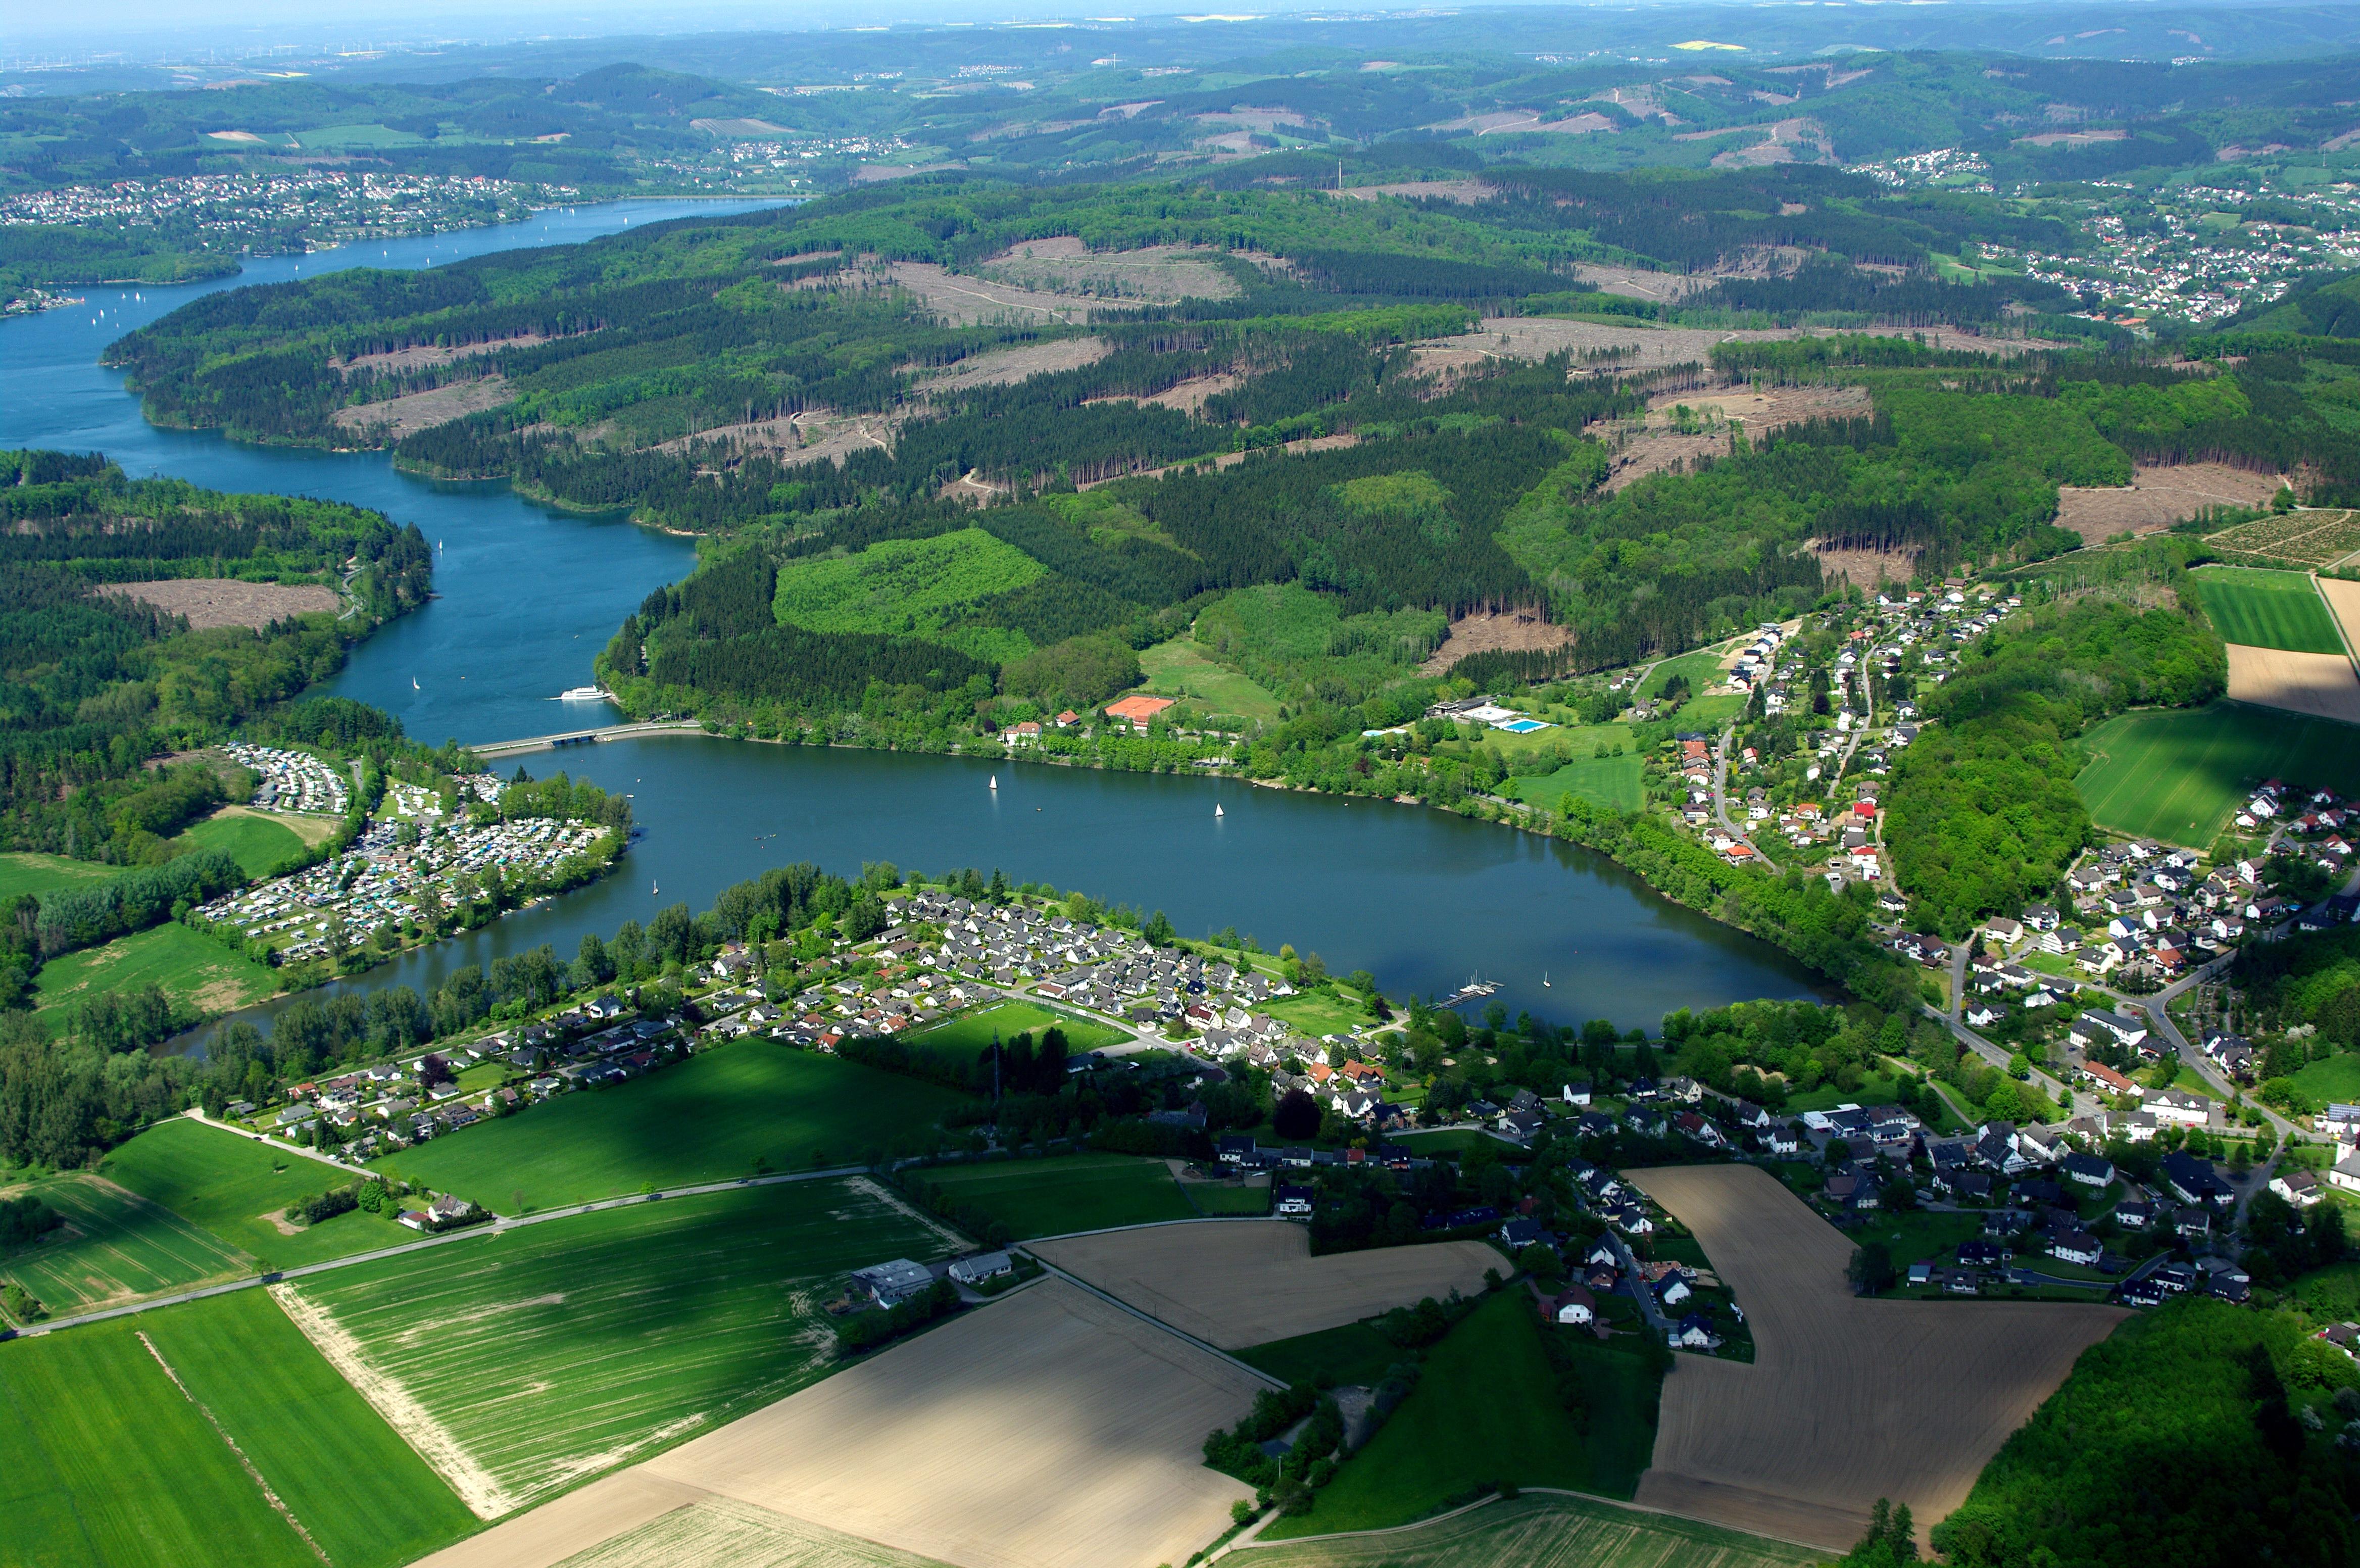 Typische Siedlungsstruktur in Nordrhein-Westfalen